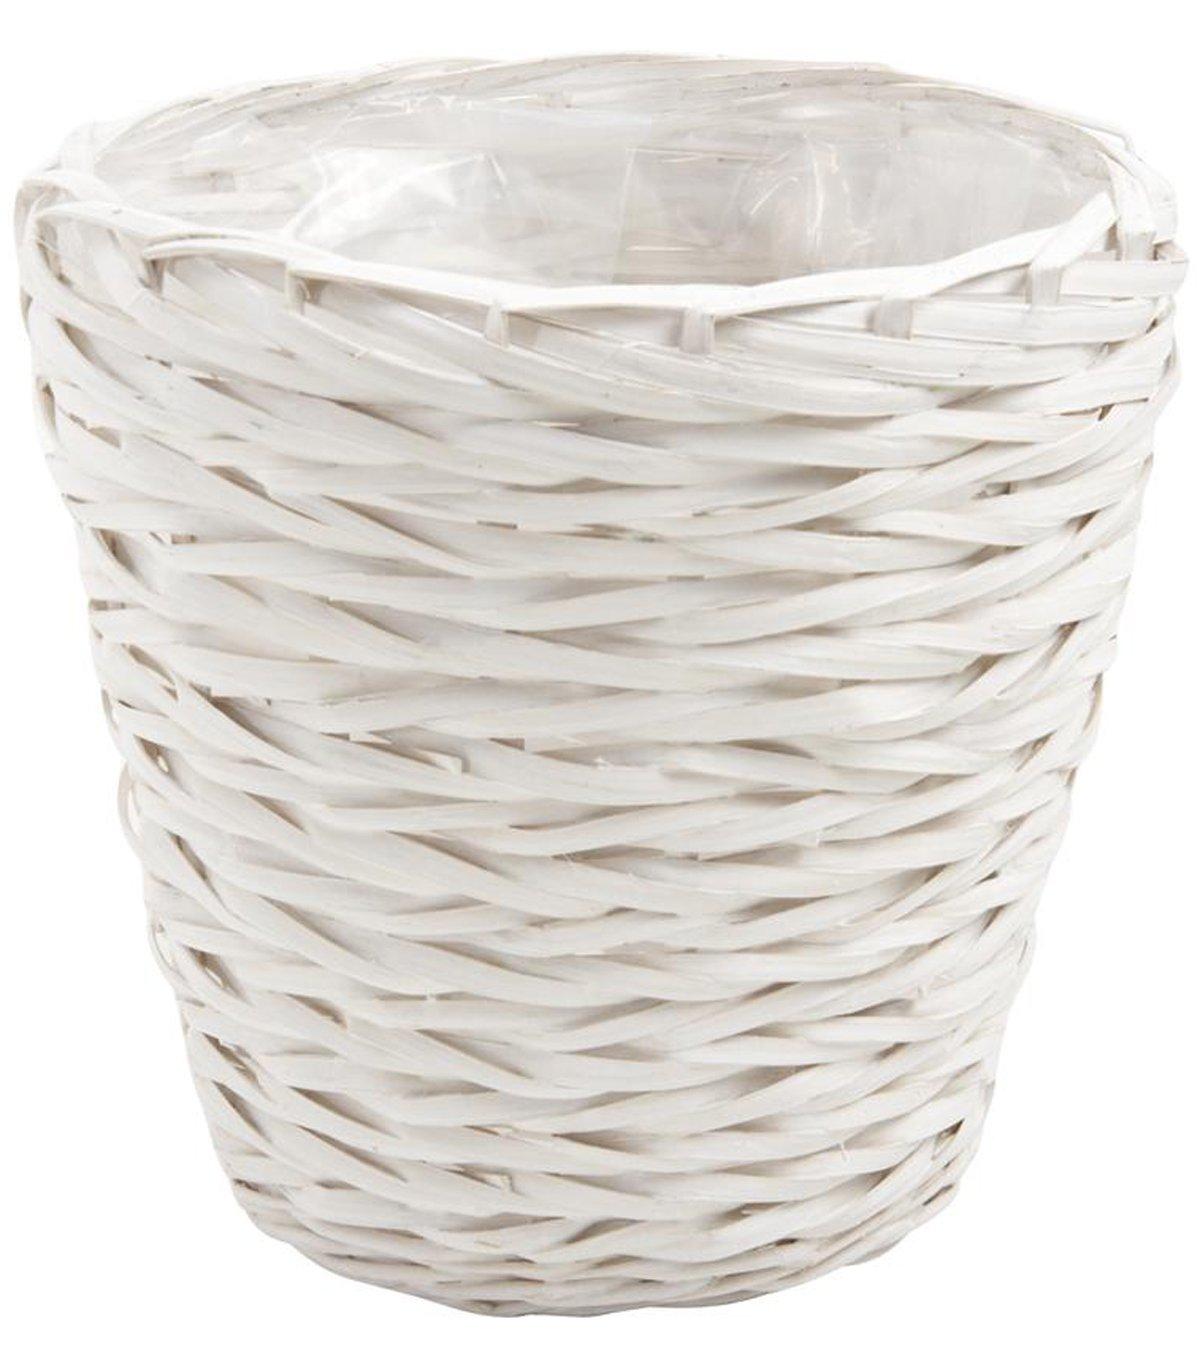 Corbeille à papier en éclisse laquée blanc, Ø 26 x H 25 cm -PEGANE